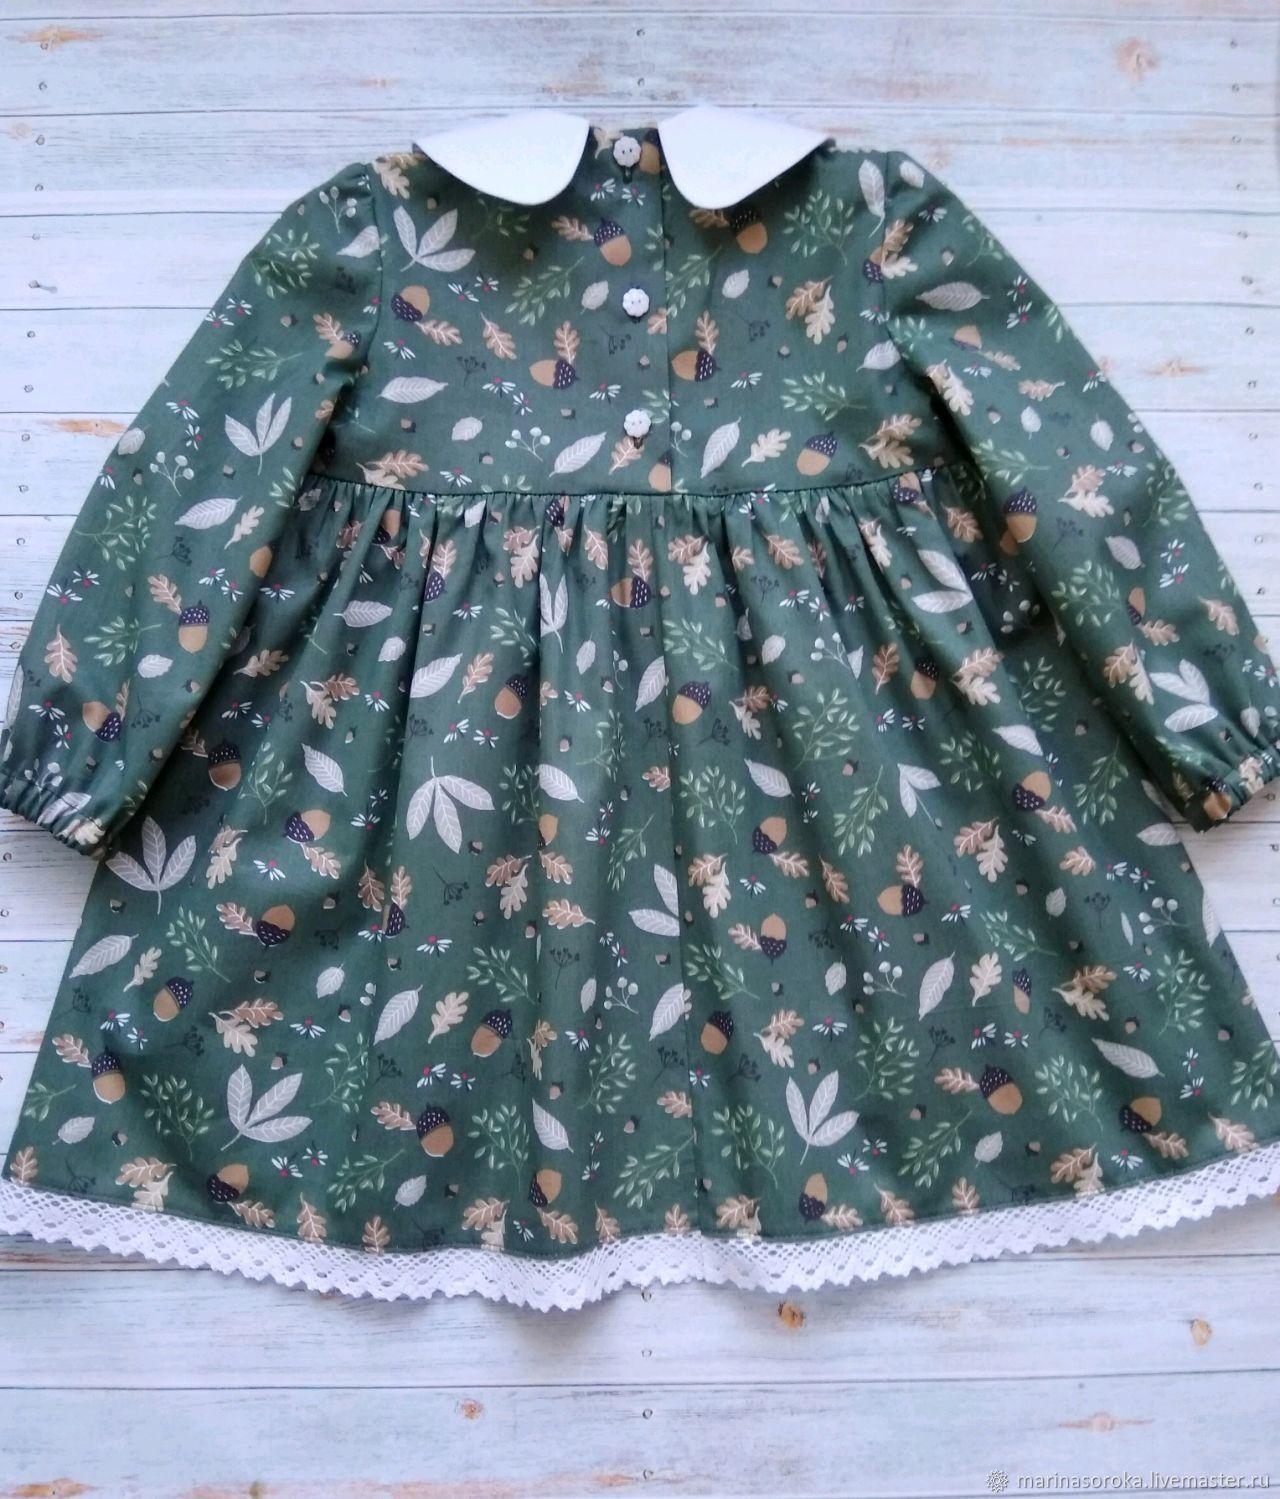 Платье с желудями на зеленом